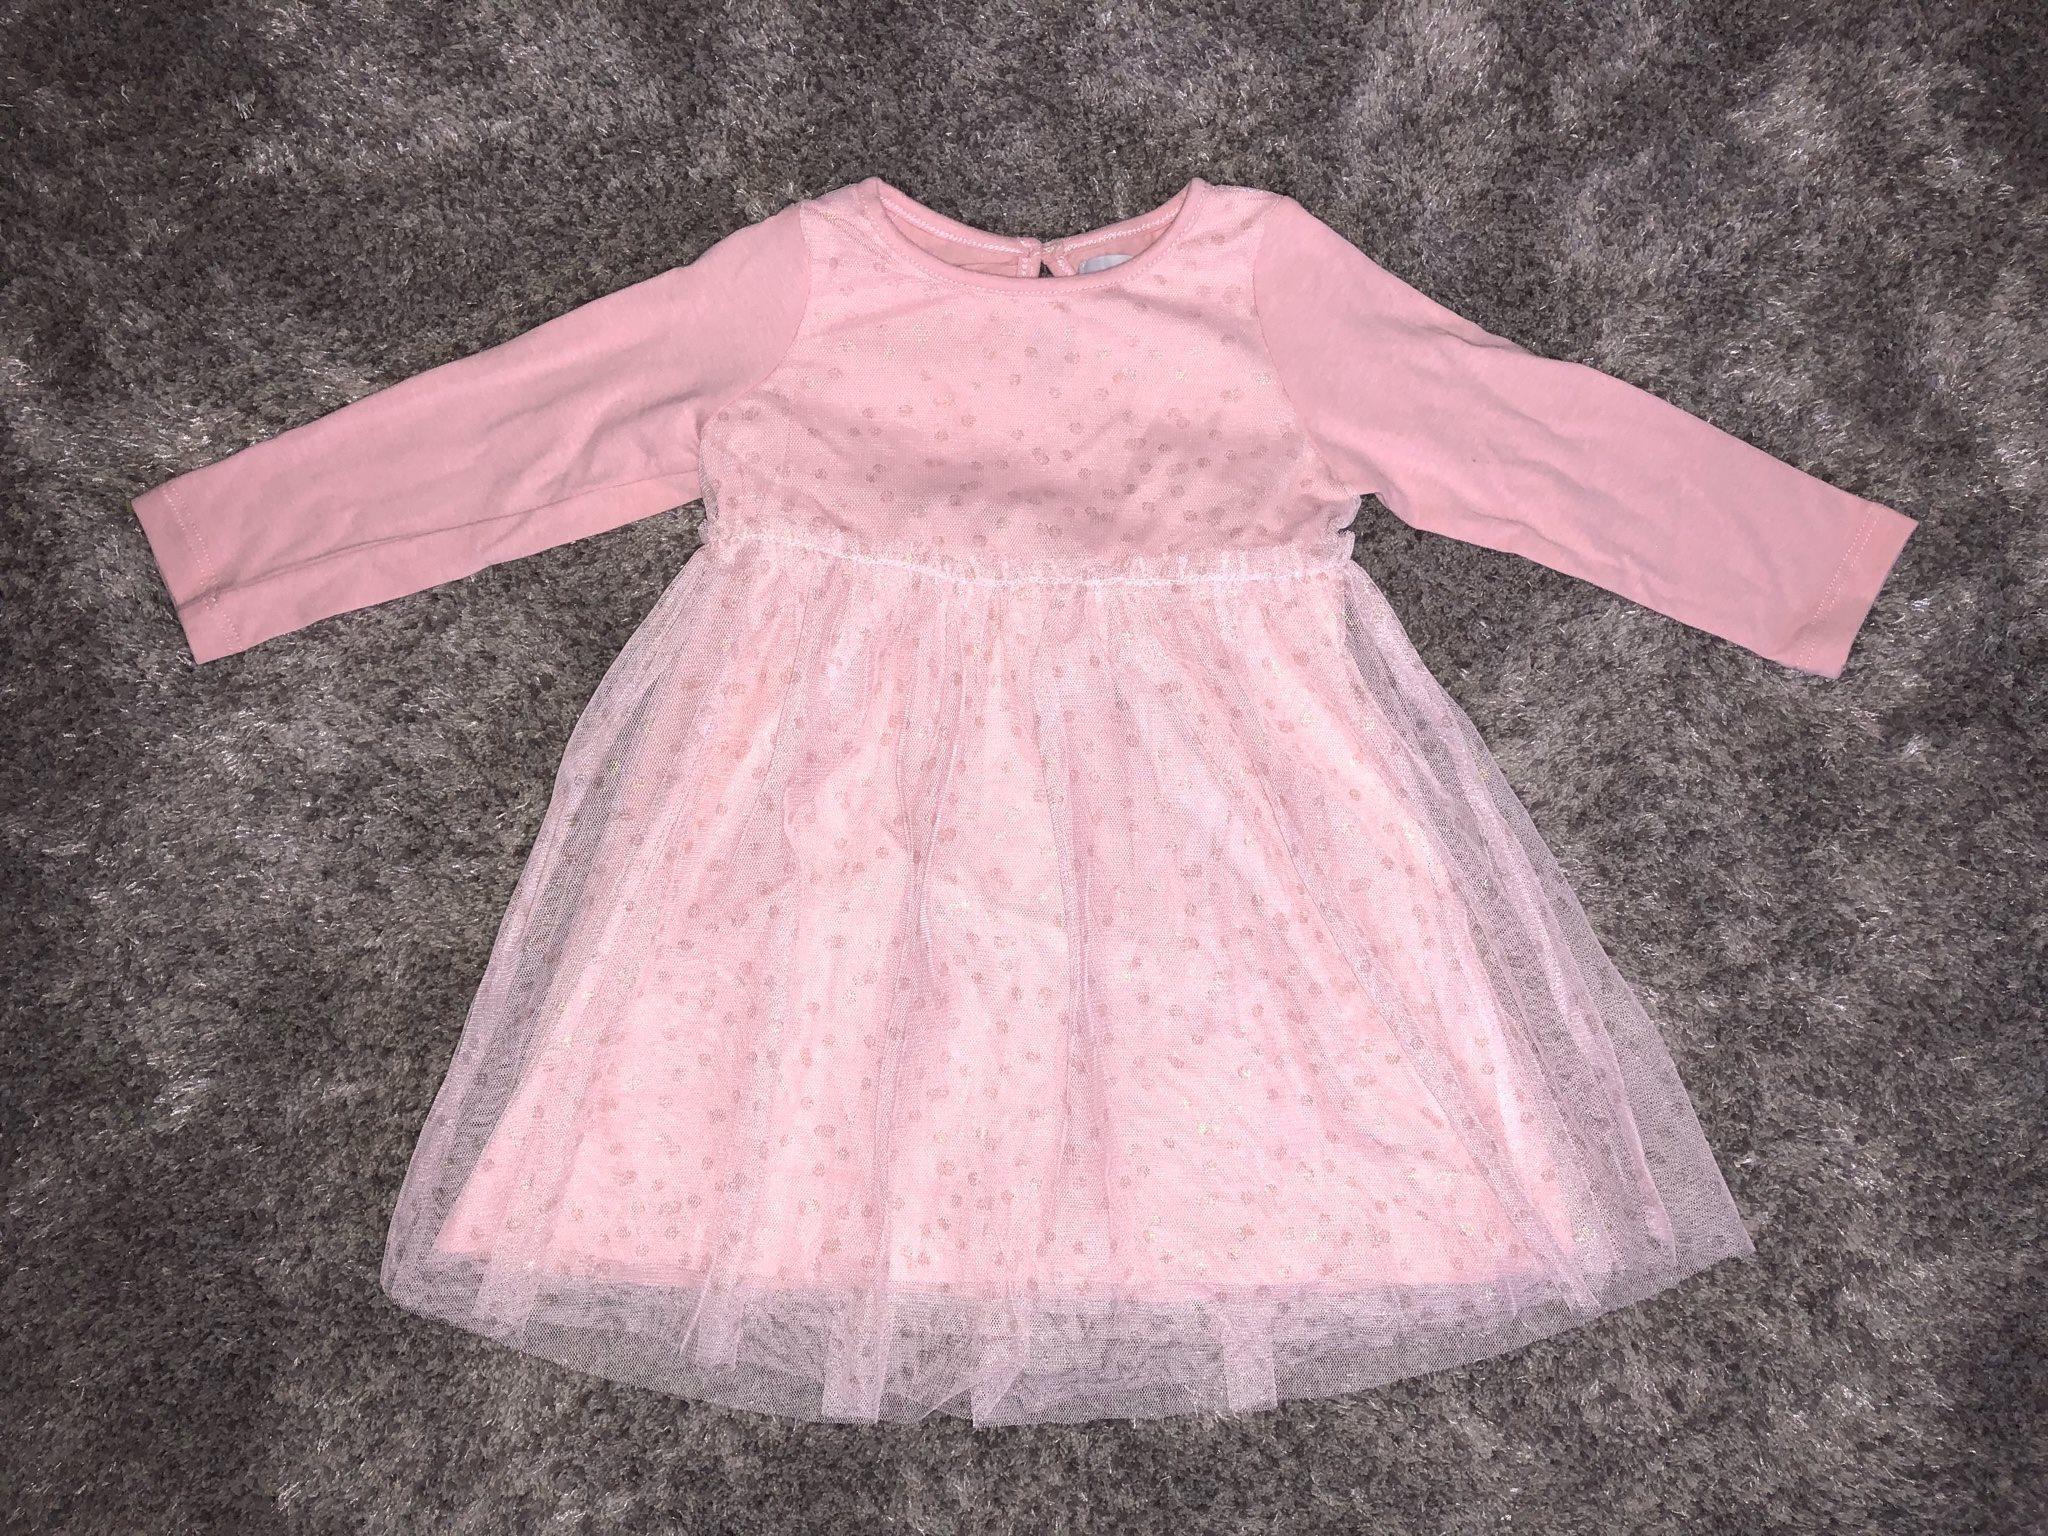 Rosa klänning med guldiga prickar från Åhléns (331968667) ᐈ Köp på ... d864abea3a551